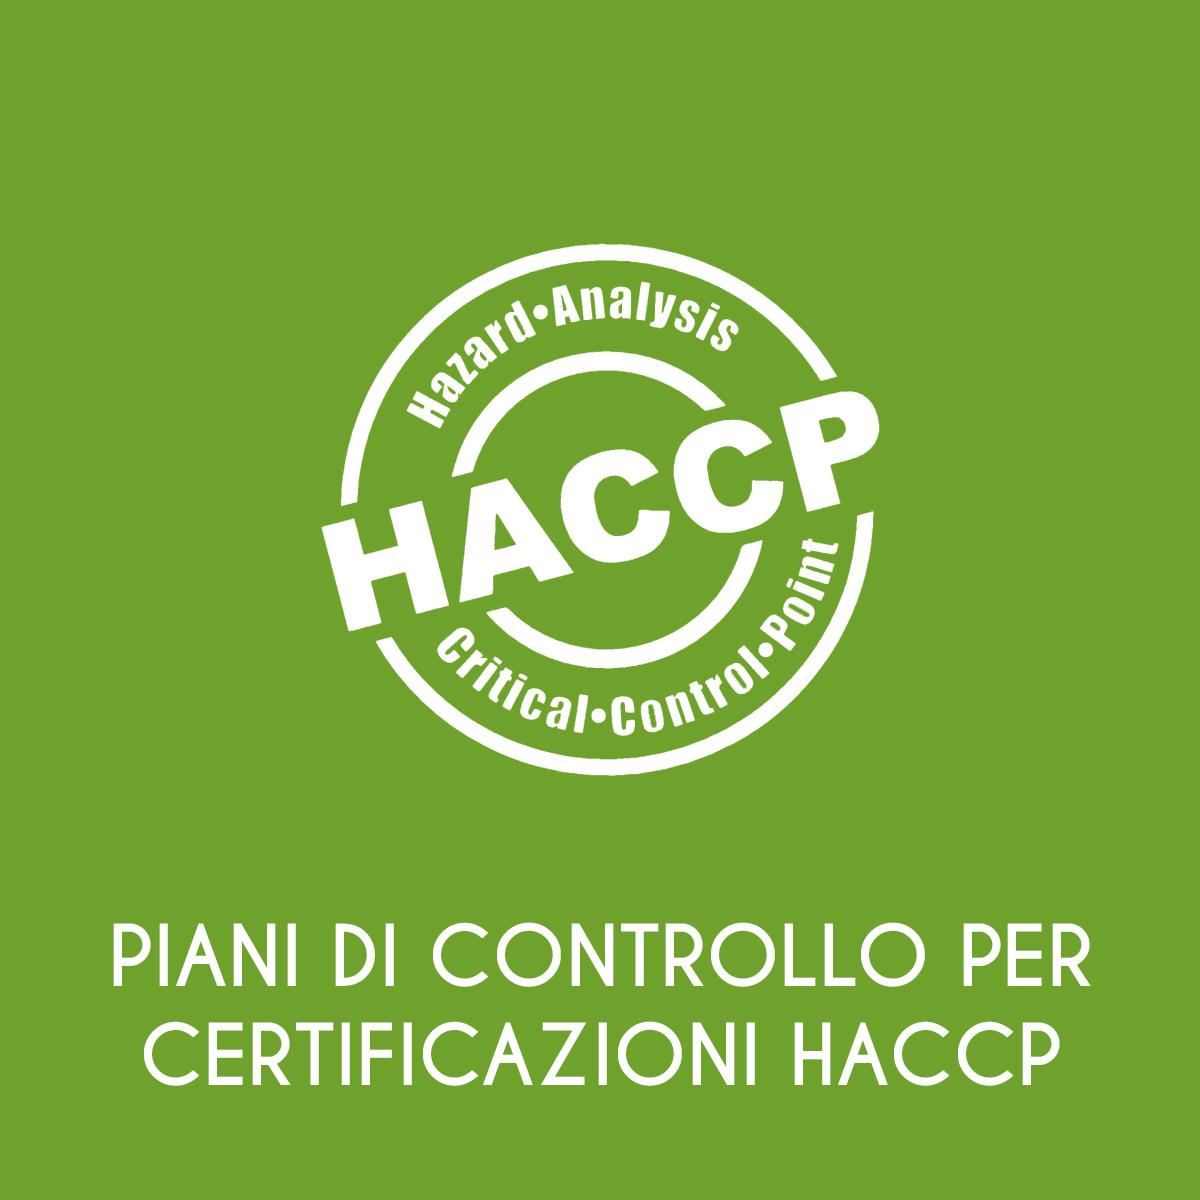 Piani di Controllo per Certificazioni Haccp